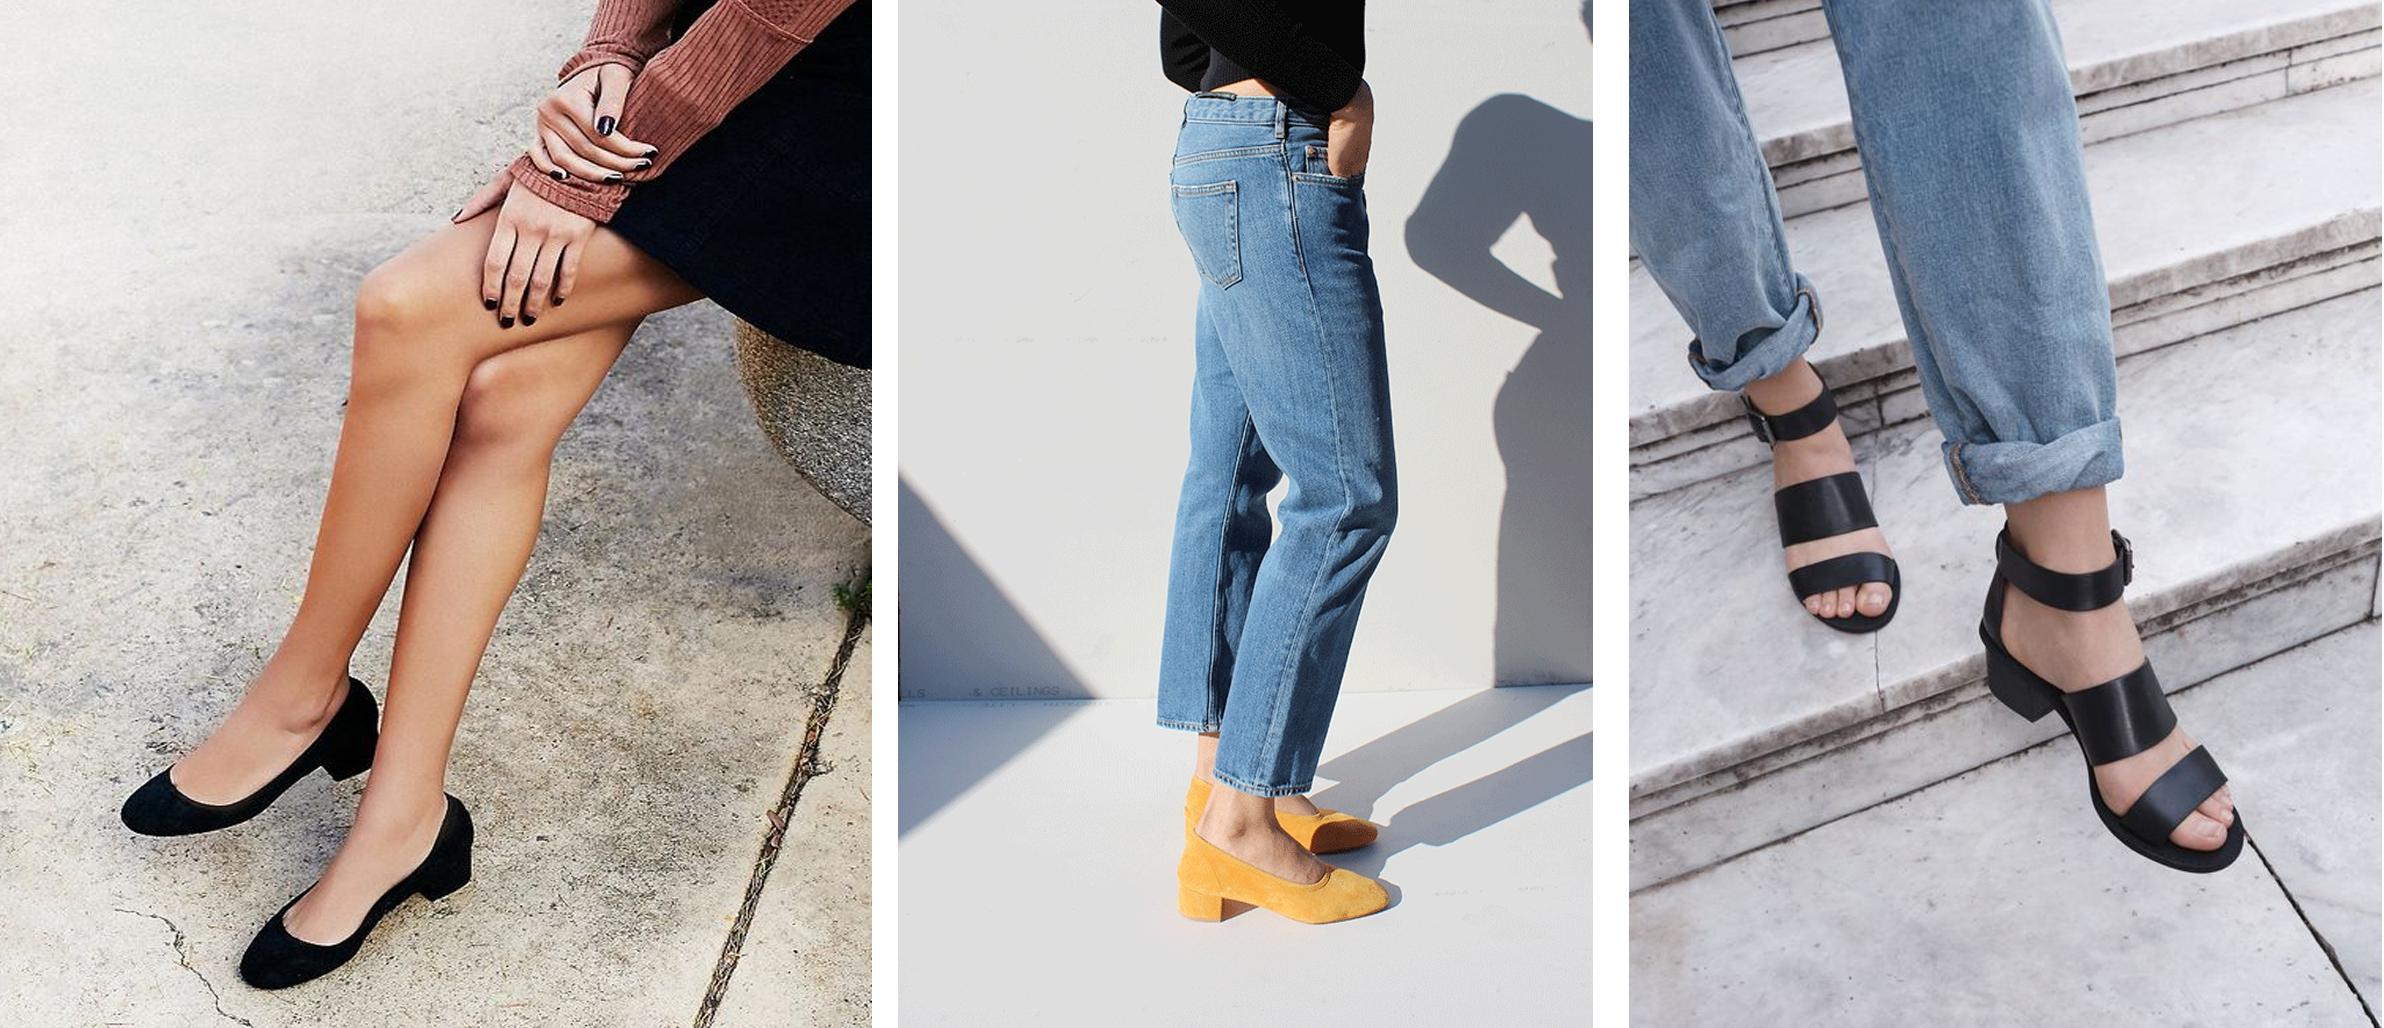 Shop de trend: 11x classy hakken waar je wél de hele dag op kunt lopen